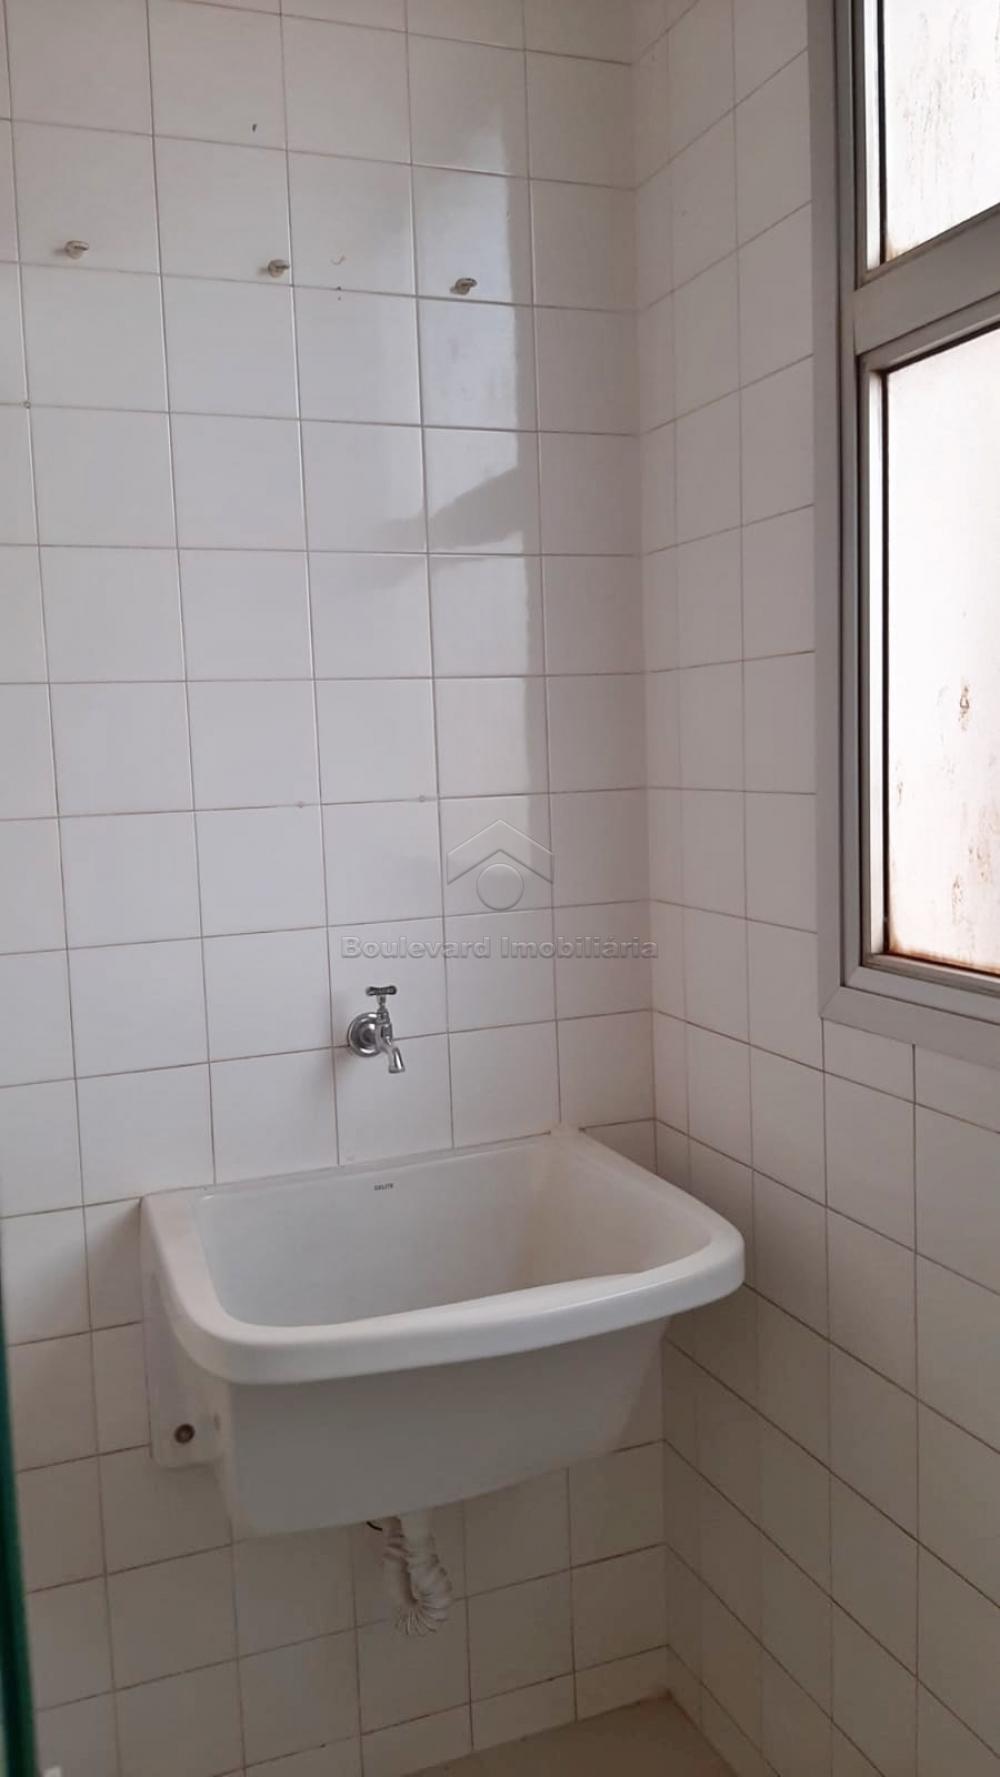 Alugar Apartamento / Duplex em Ribeirão Preto R$ 700,00 - Foto 13